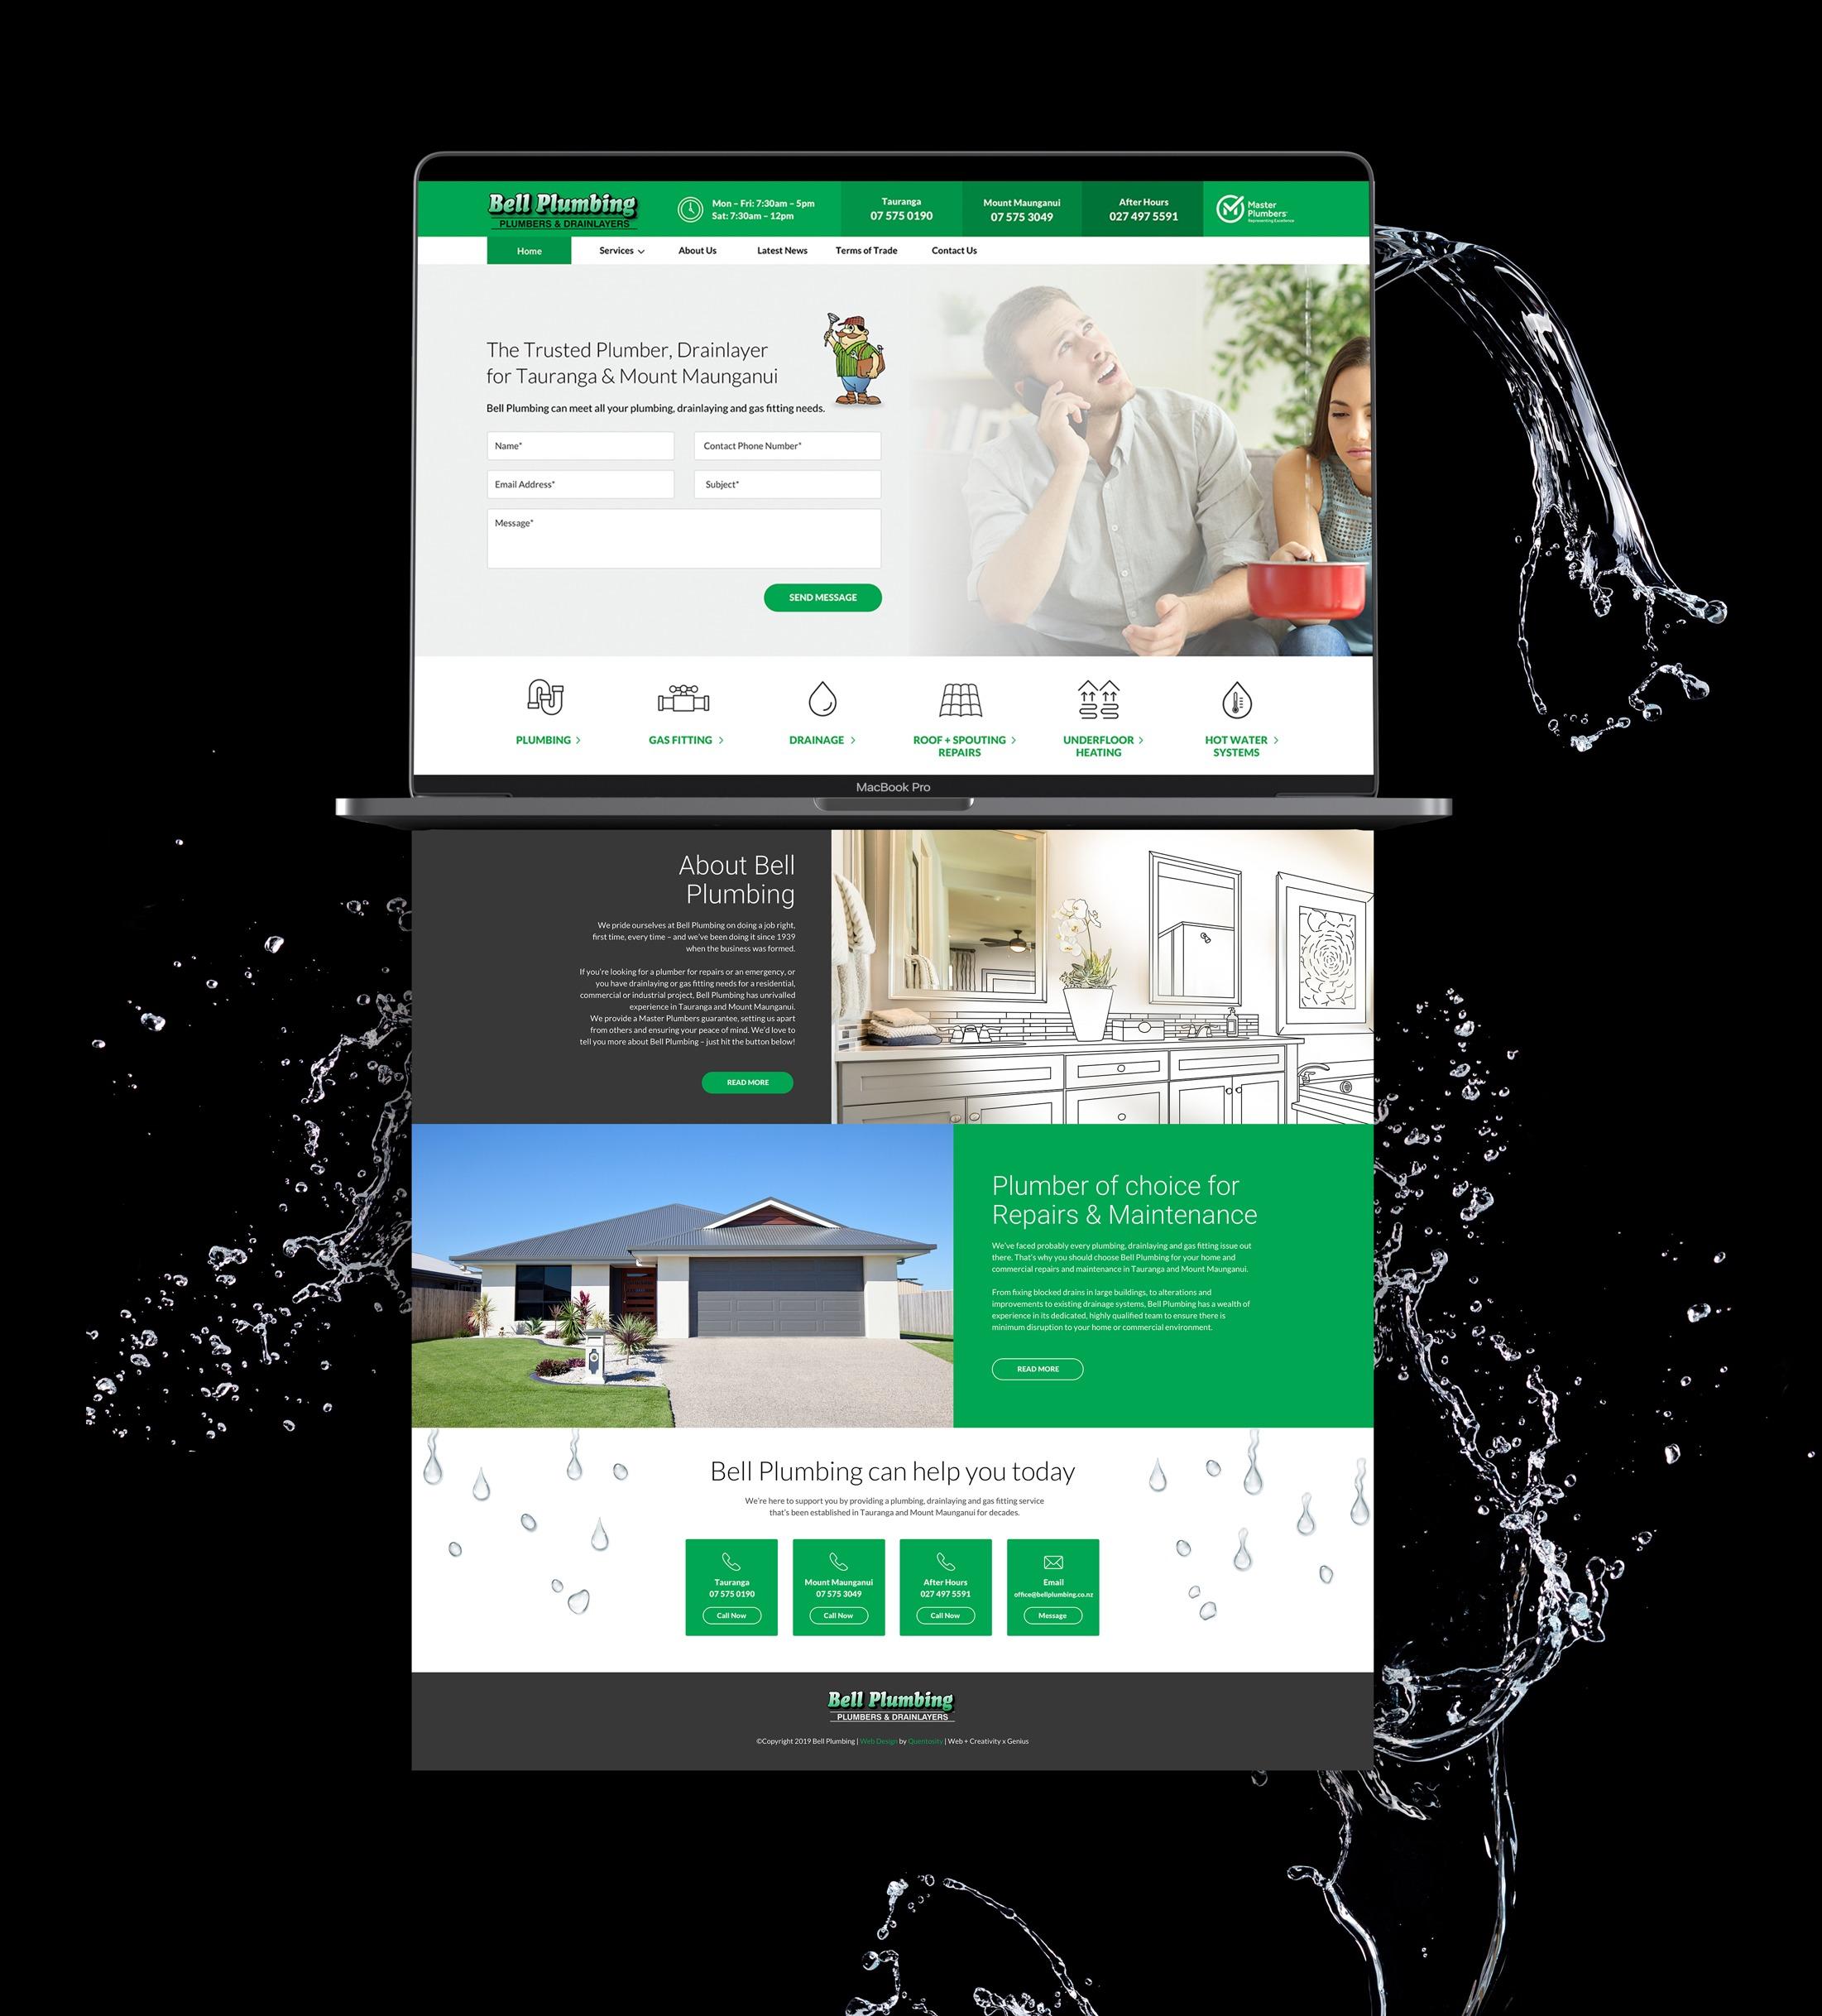 Website Deisgn - Bell Plumbing